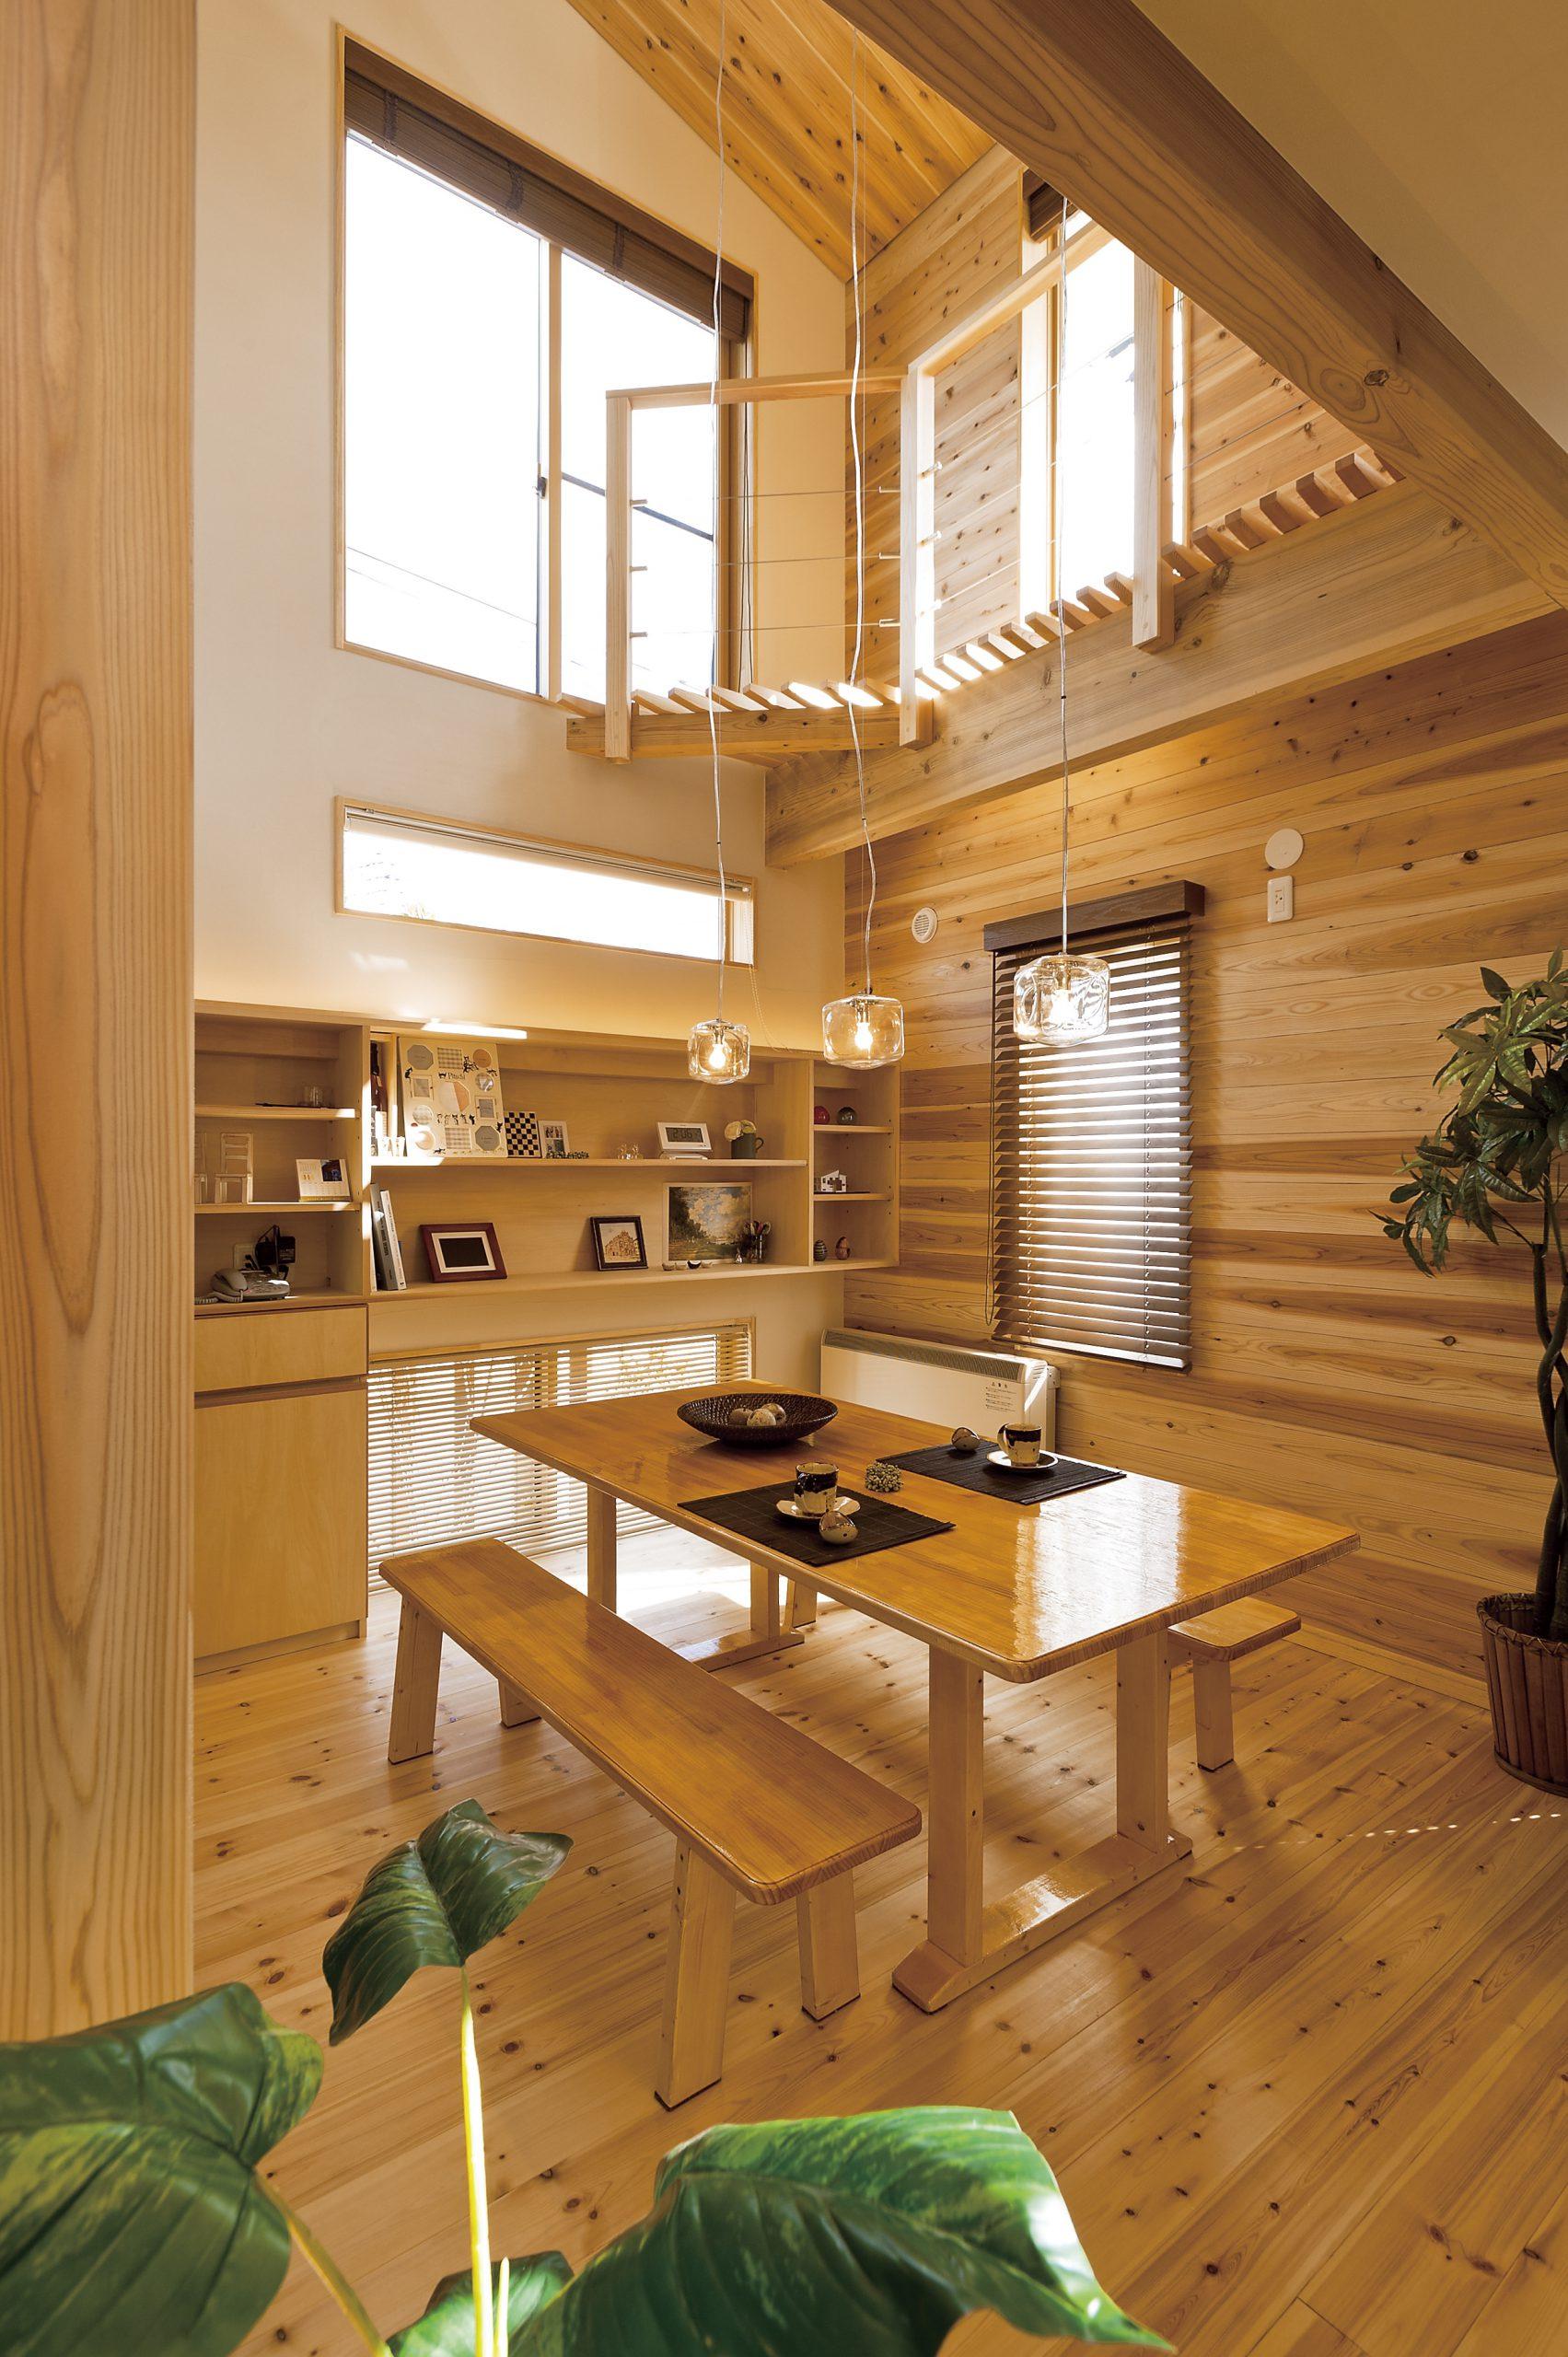 自然素材の家のLDKの建築実例:床、壁材も無垢材でナチュラルに